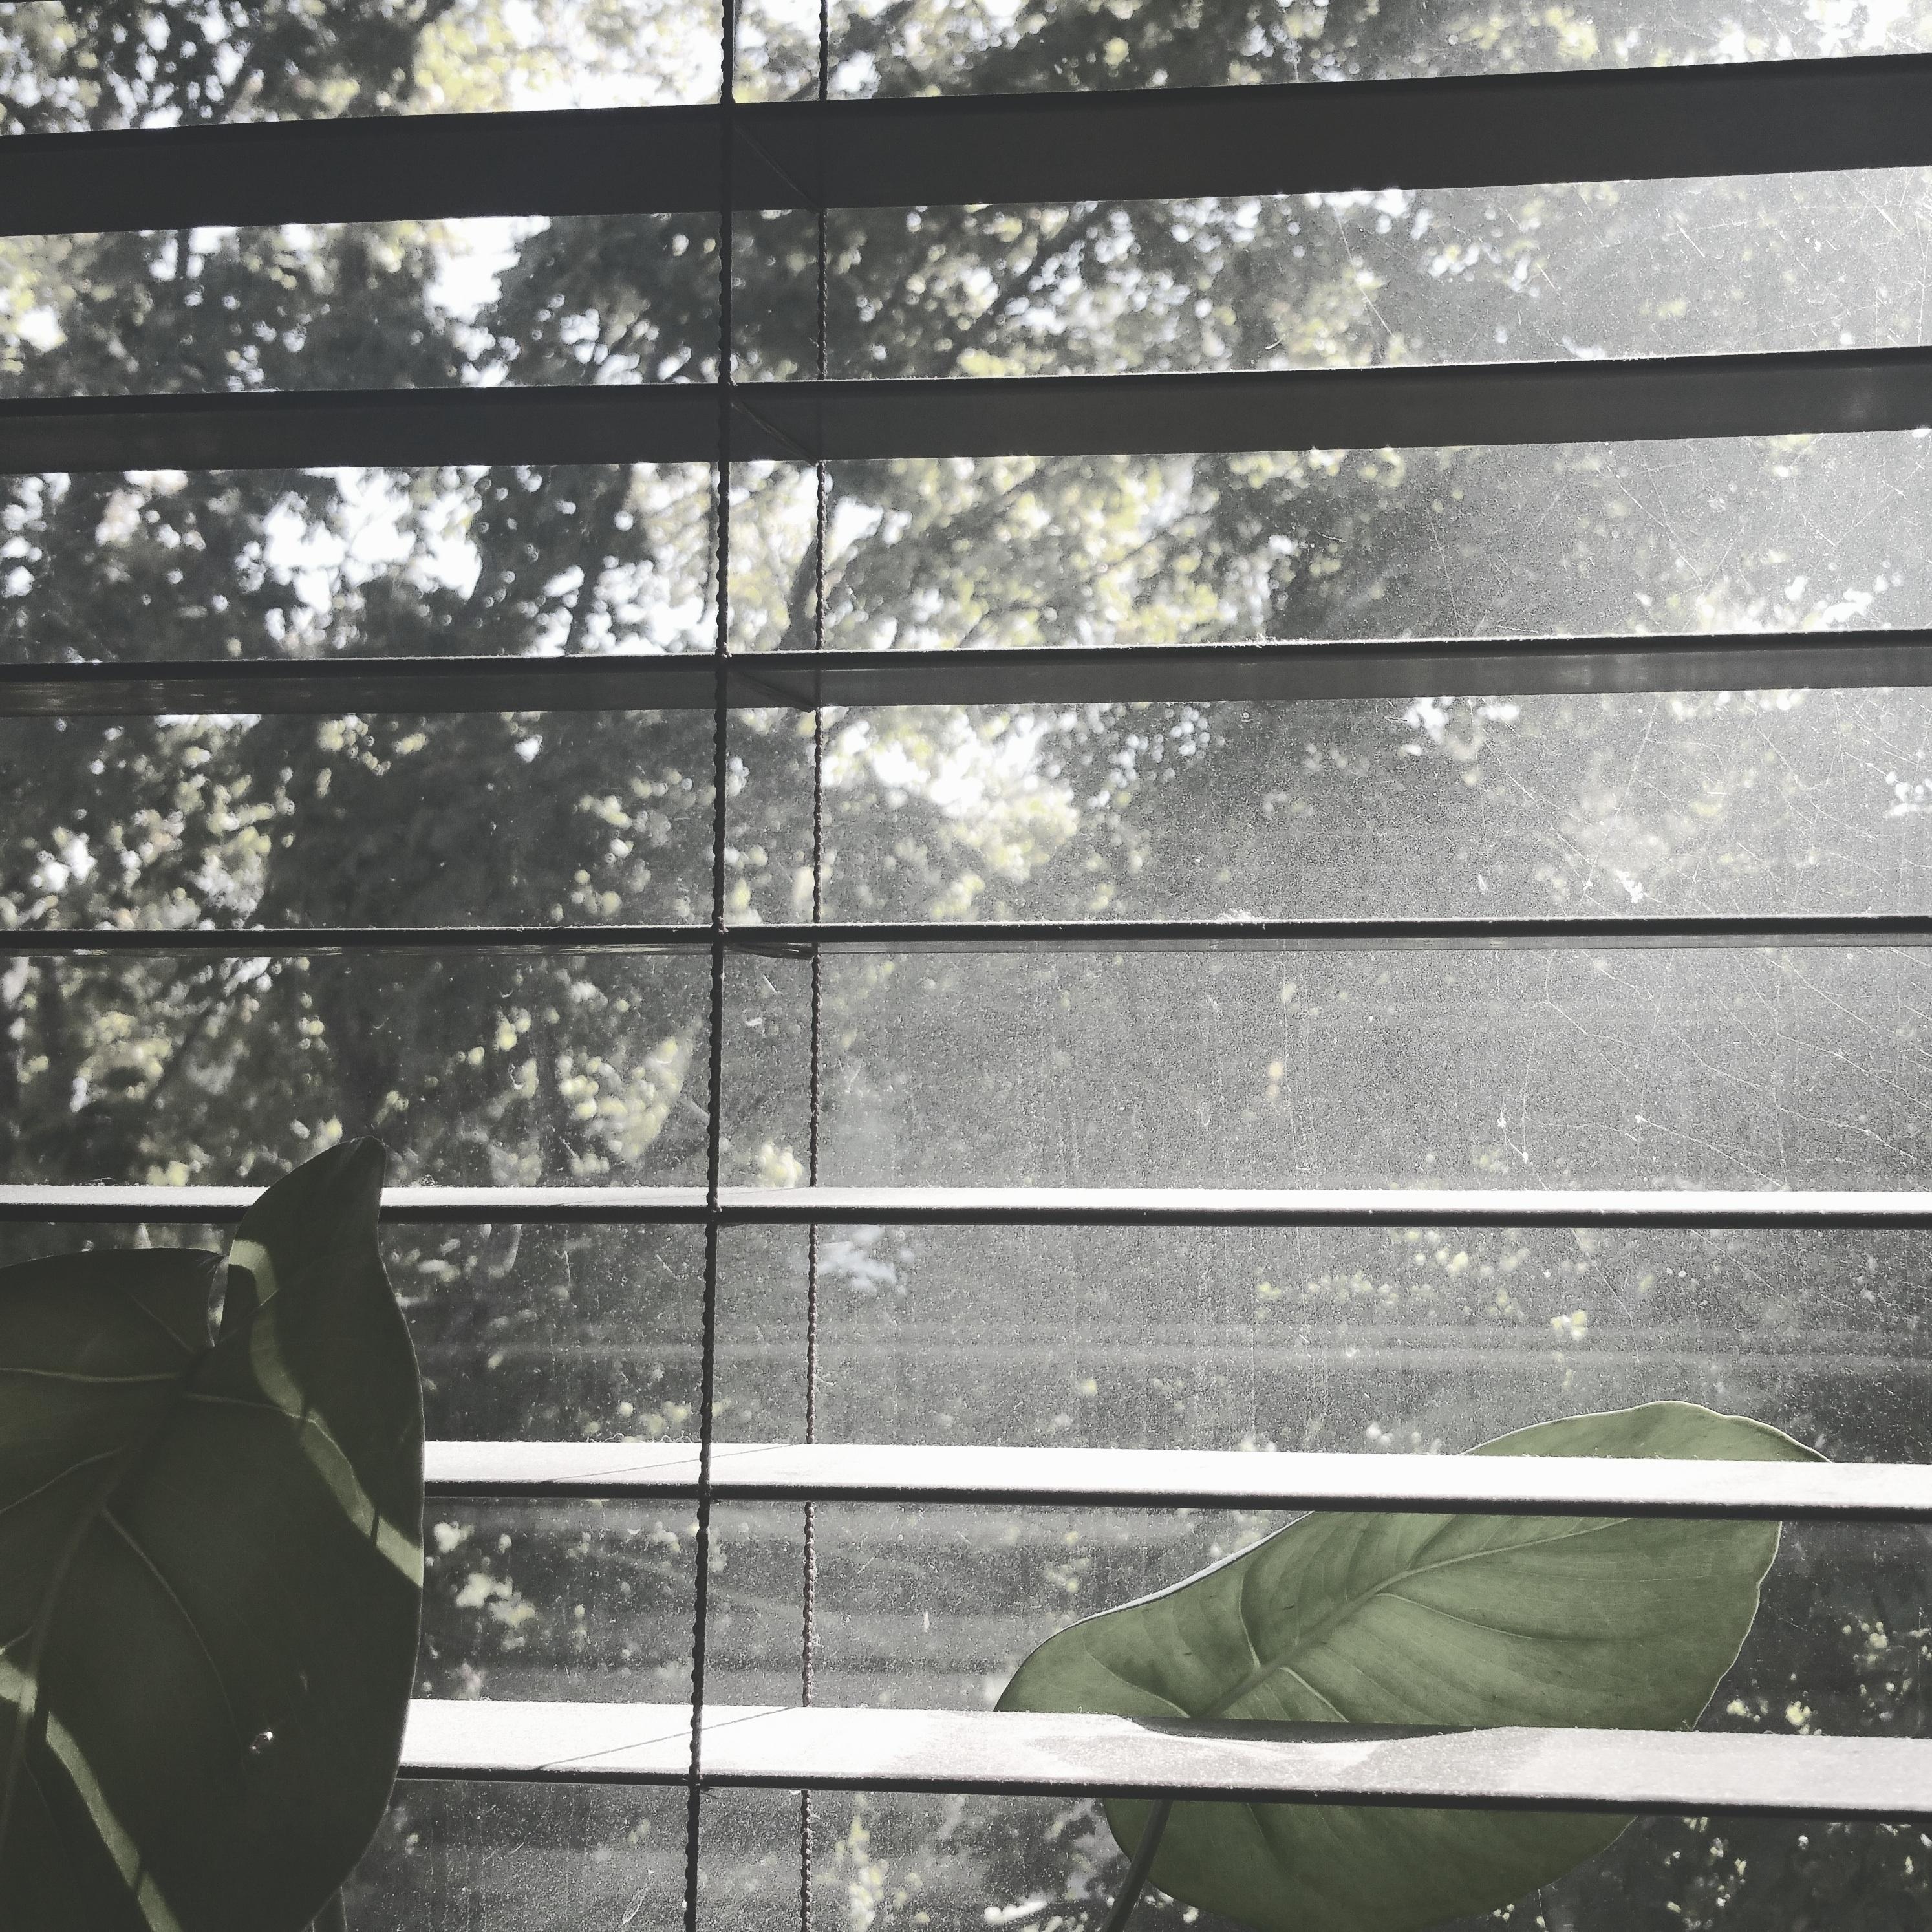 Kostenlose foto : Licht, Holz, Fenster, Glas, Mauer, Linie ...